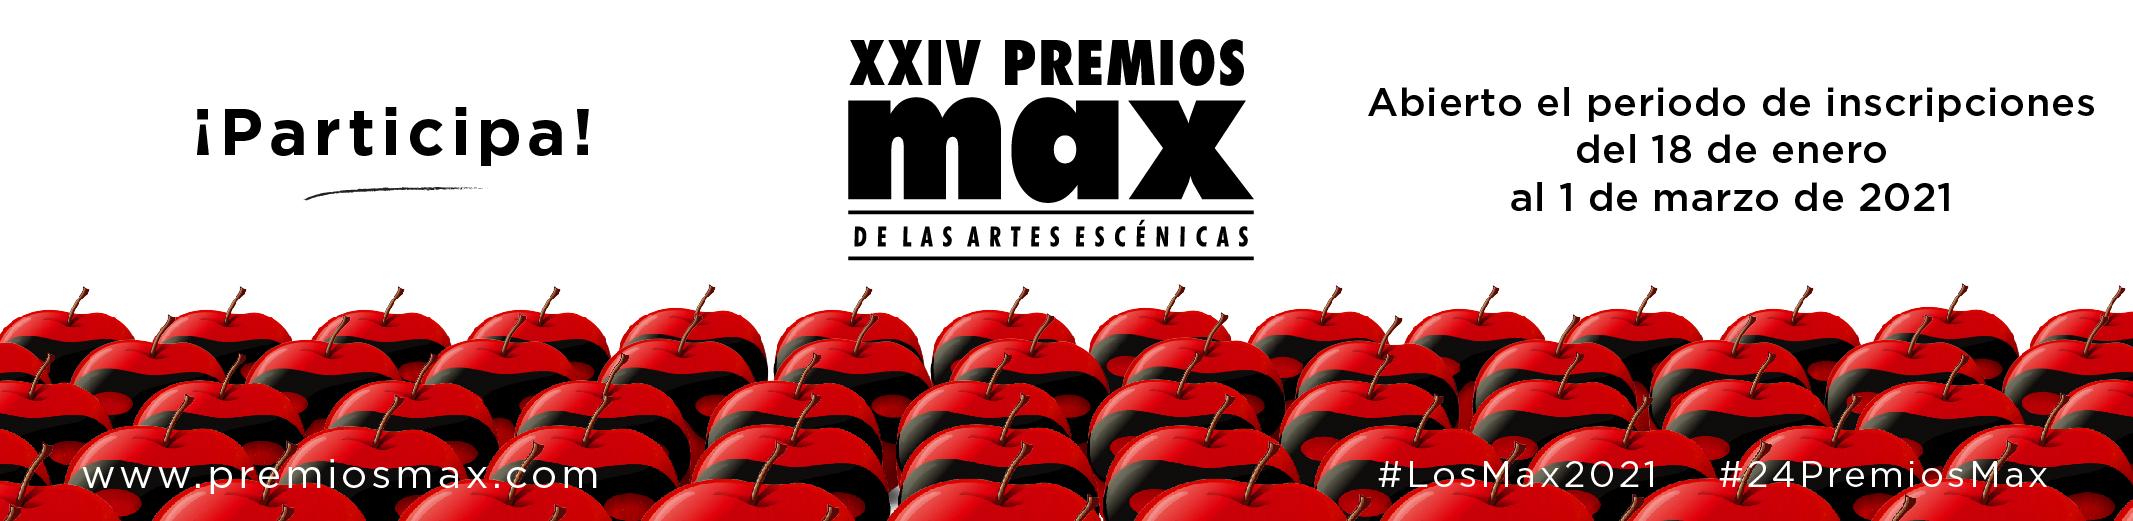 Premios Max 2021 Inscripción